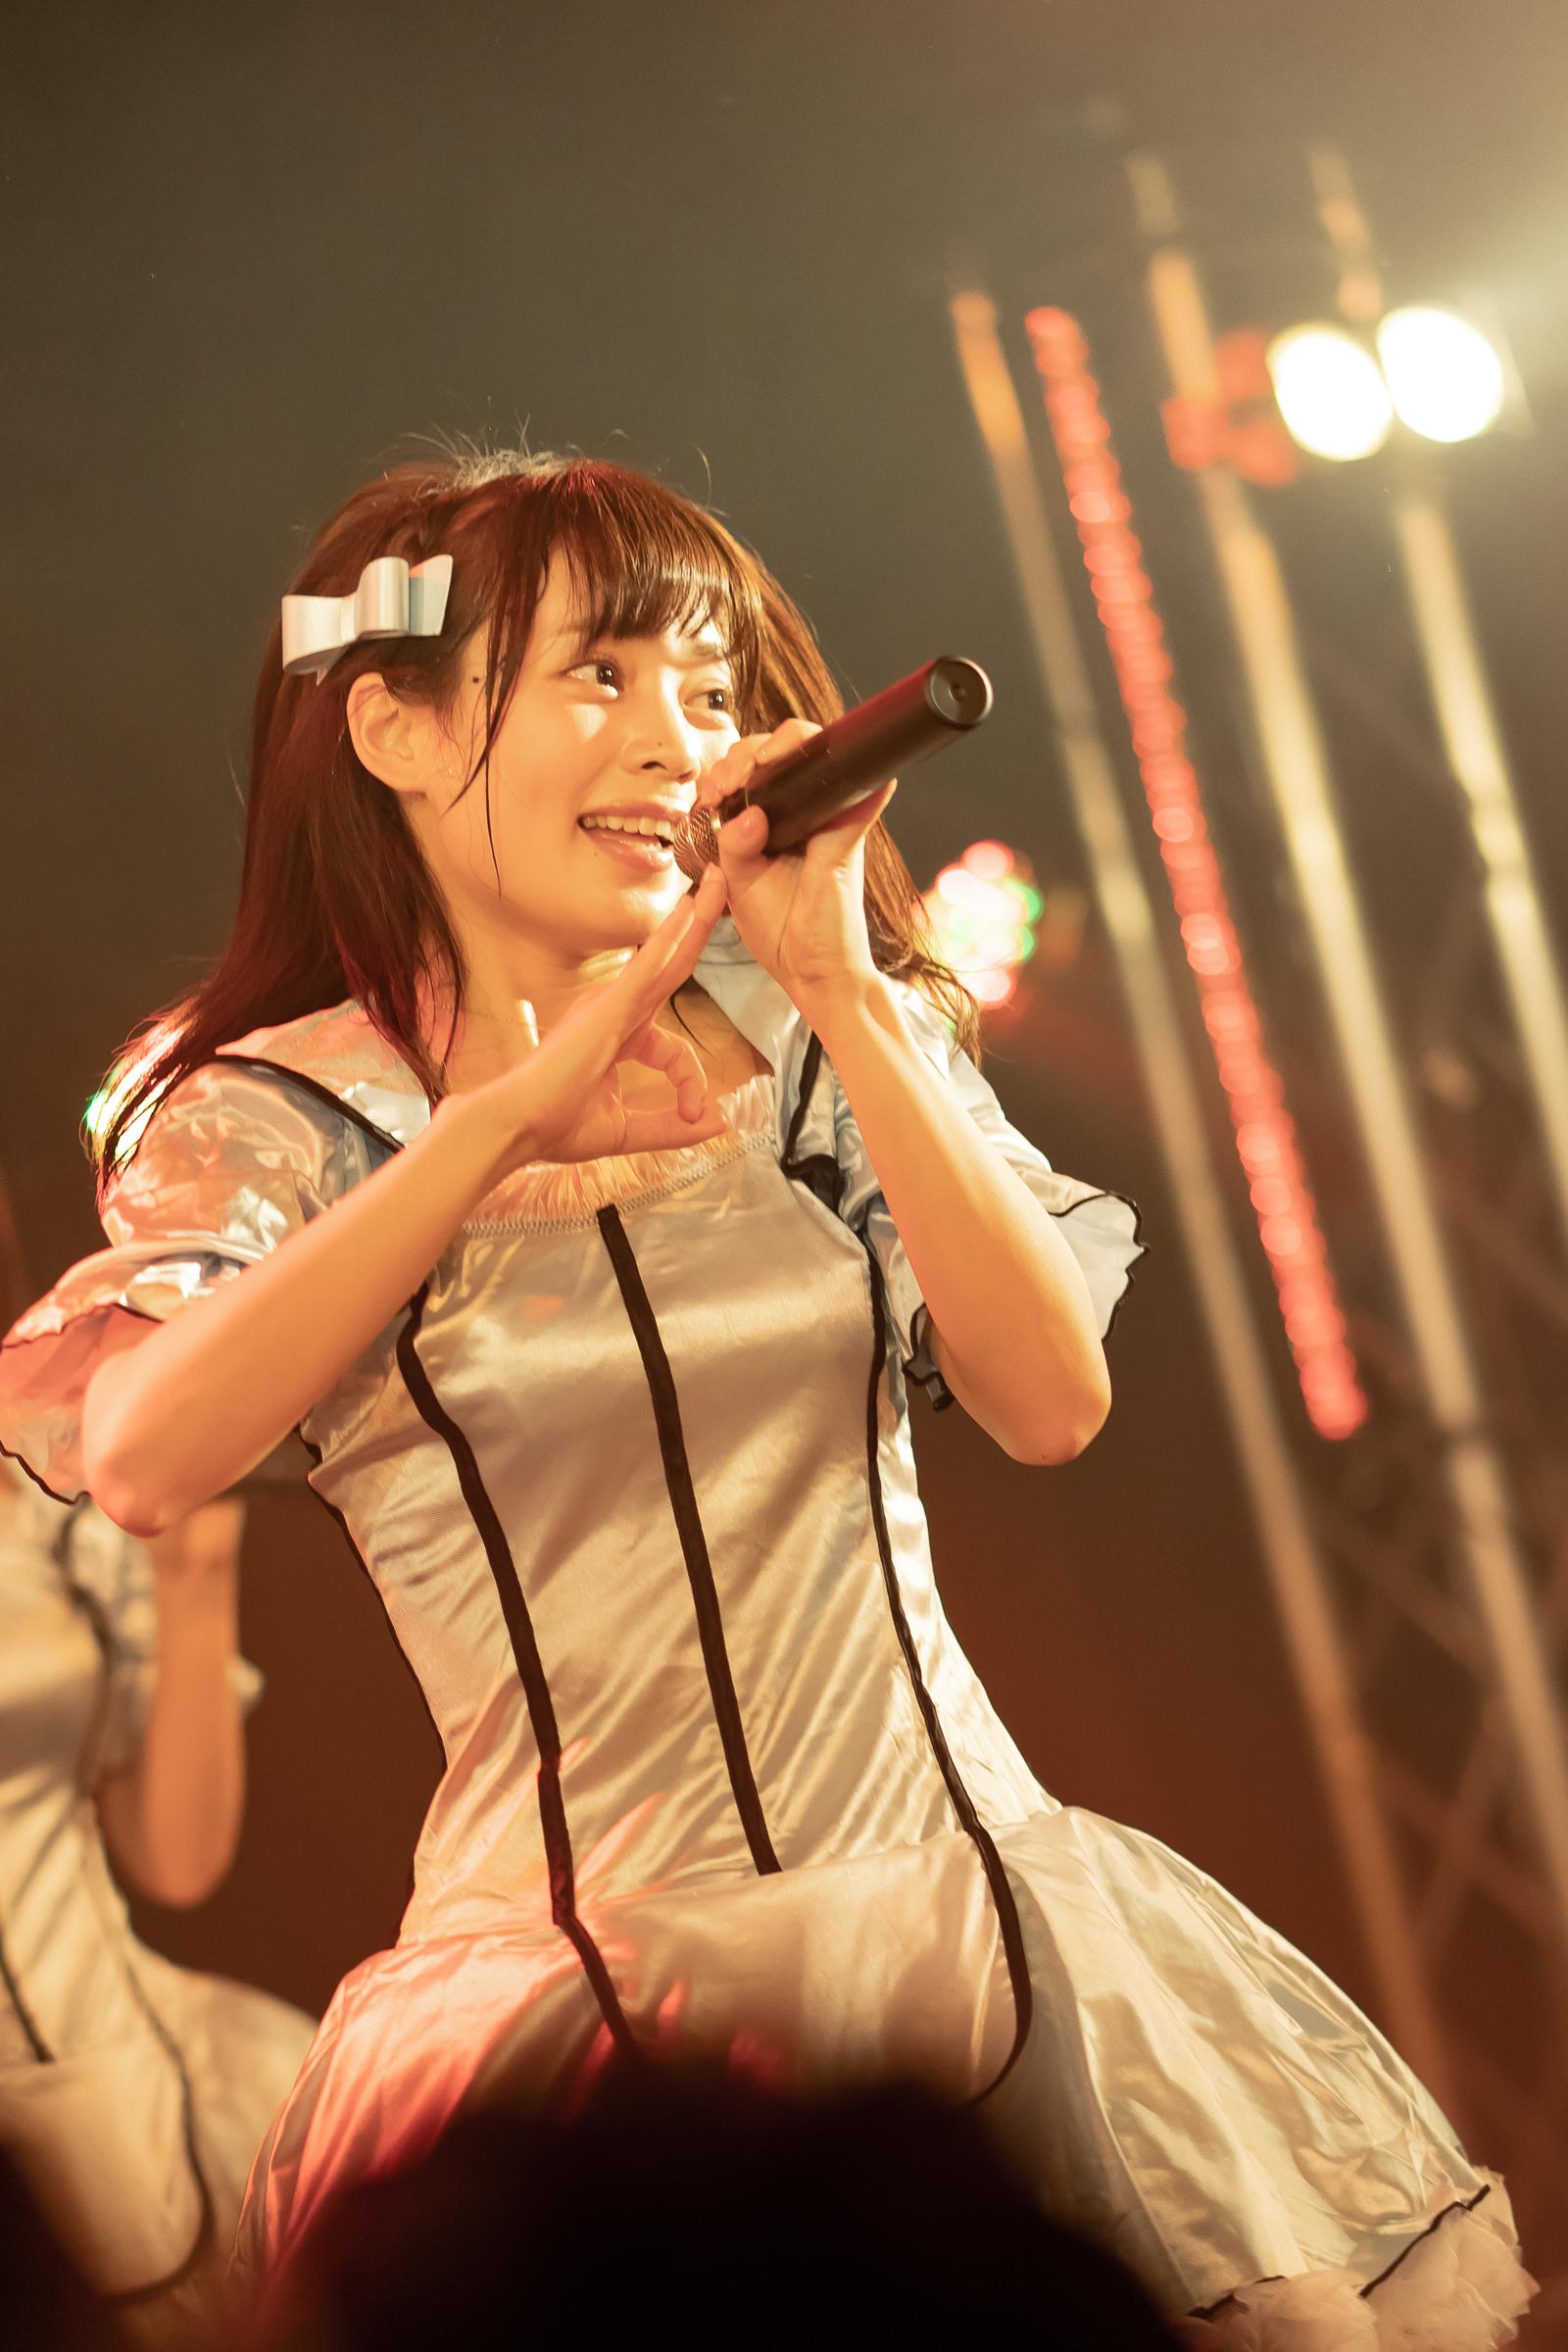 2代目HAPPY少女♪ ゆいな ( 宮崎ゆいな ) | ハピパvol.26〜みく、きょうか2周年記念ライブ〜